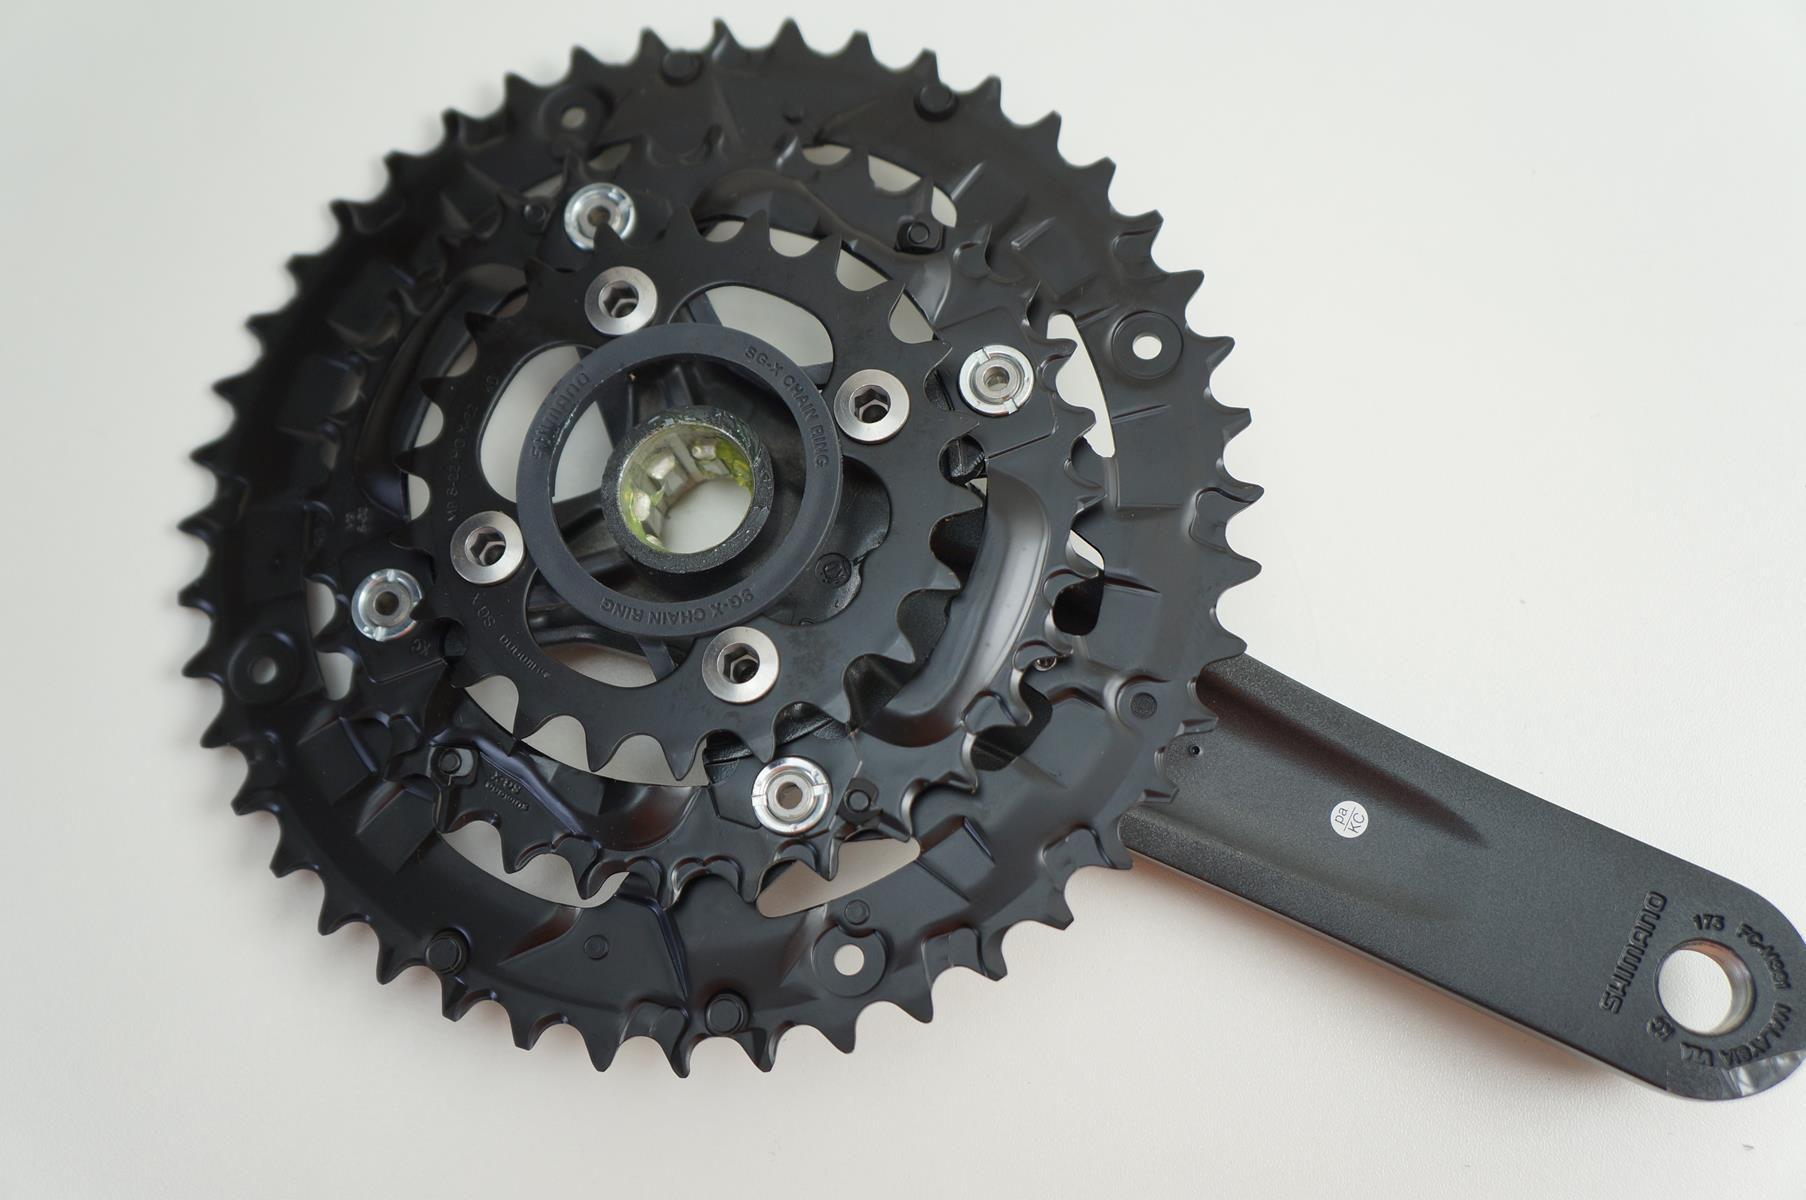 Pedivela Triplo Bicicleta Shimano Acera M391 9v 44-32-22d 175mm Com Movimento Octalink